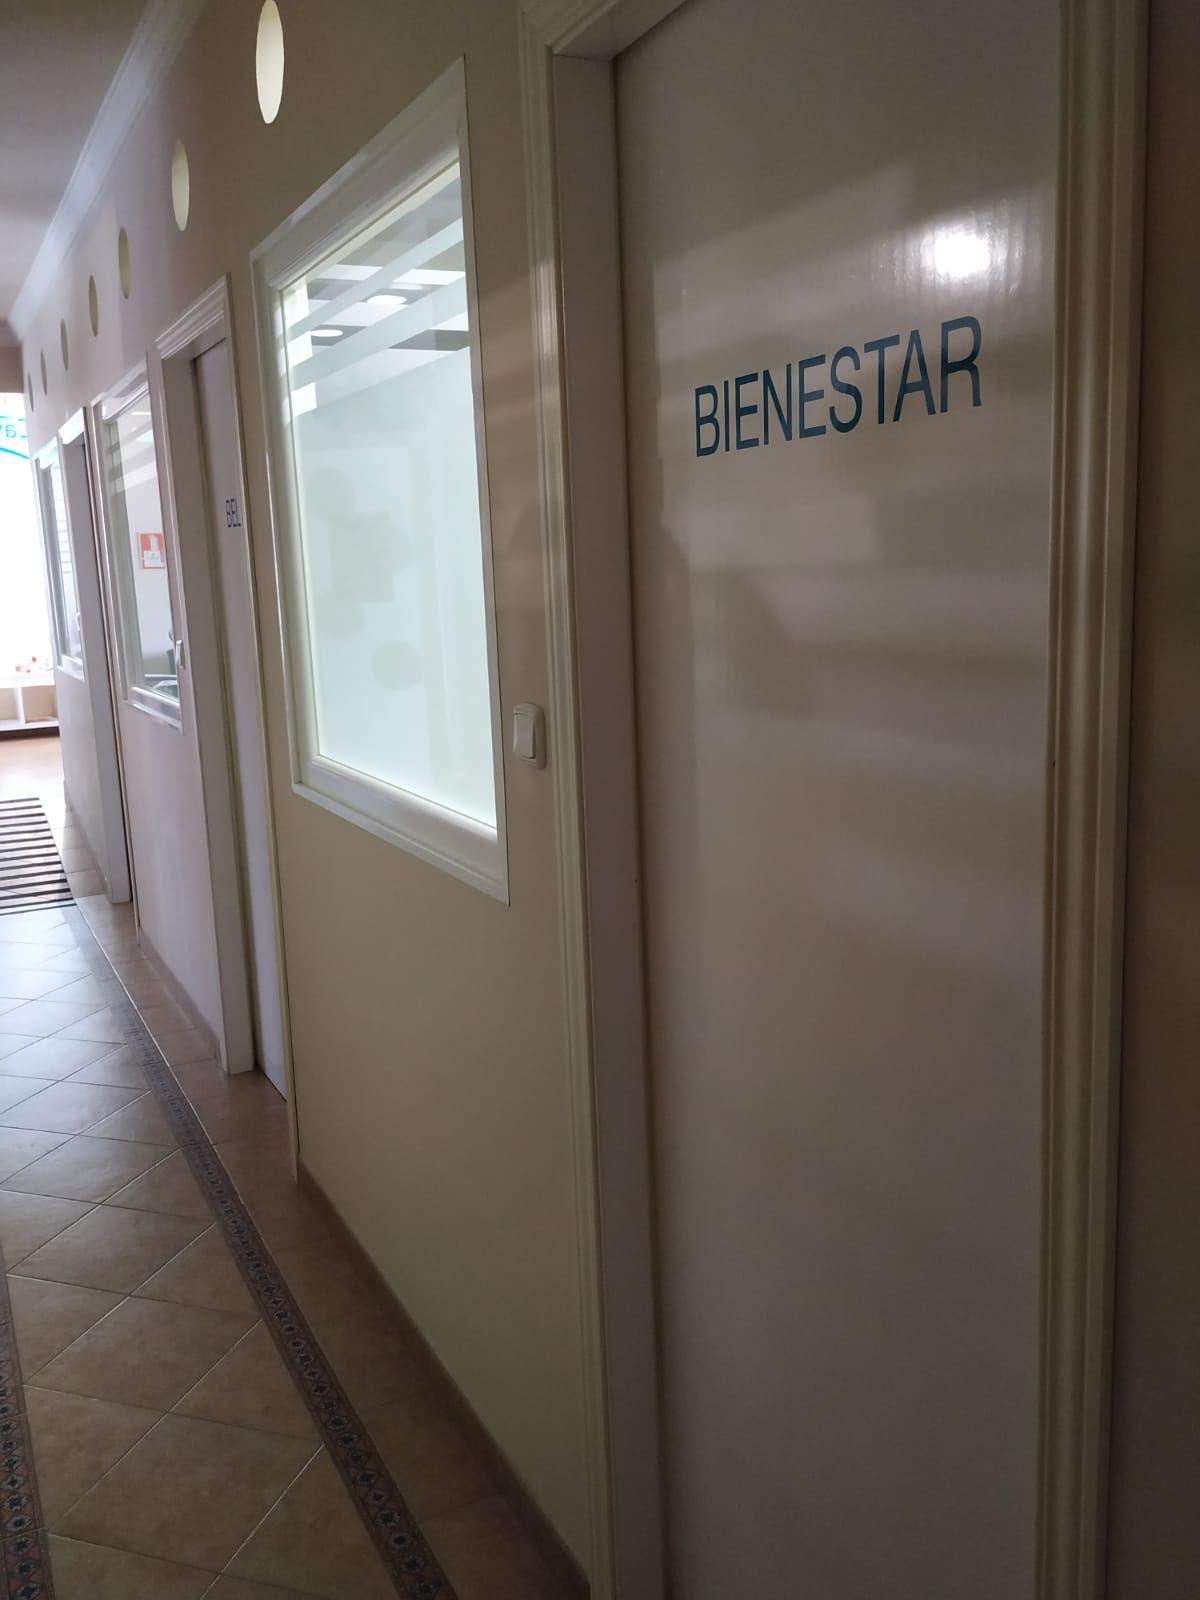 Foto 61 de Centro de bienestar y salud en Antequera | Centro Bienestar y Salud Cayma